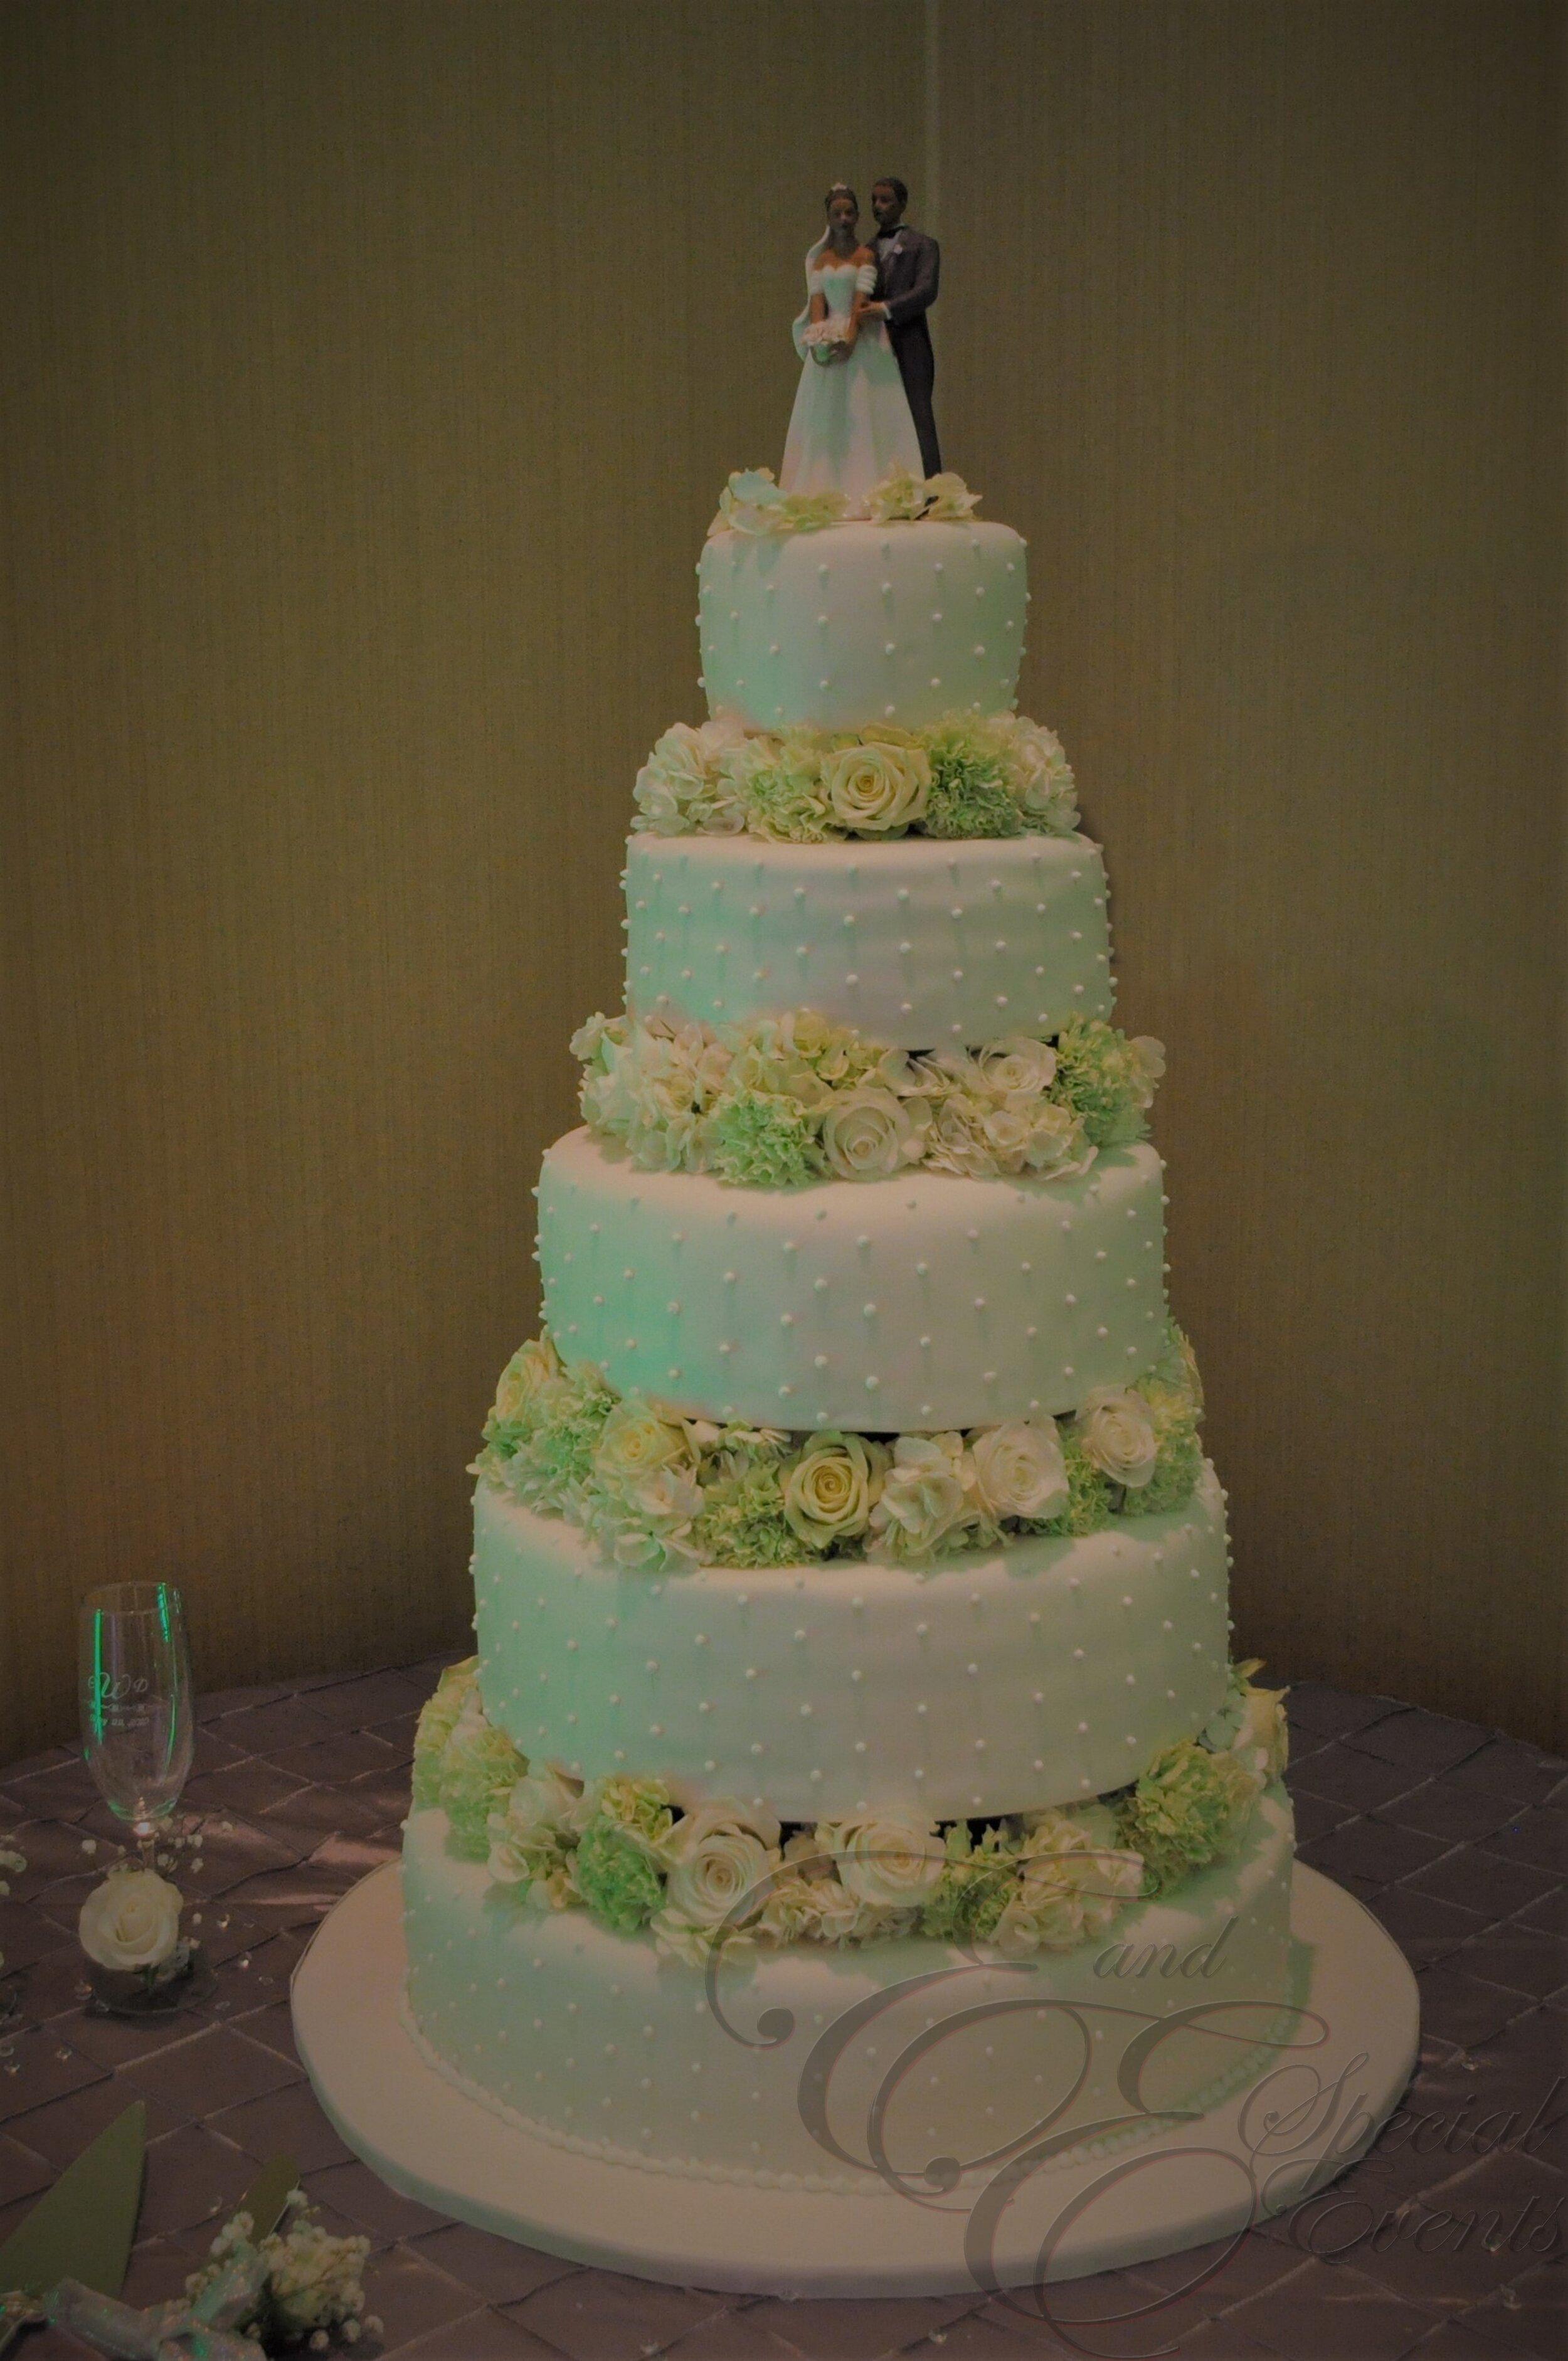 E_E_Special_Events_Elegant_Wedding_Cakes_Virginia_Beach_Hampton_Roads3.jpg